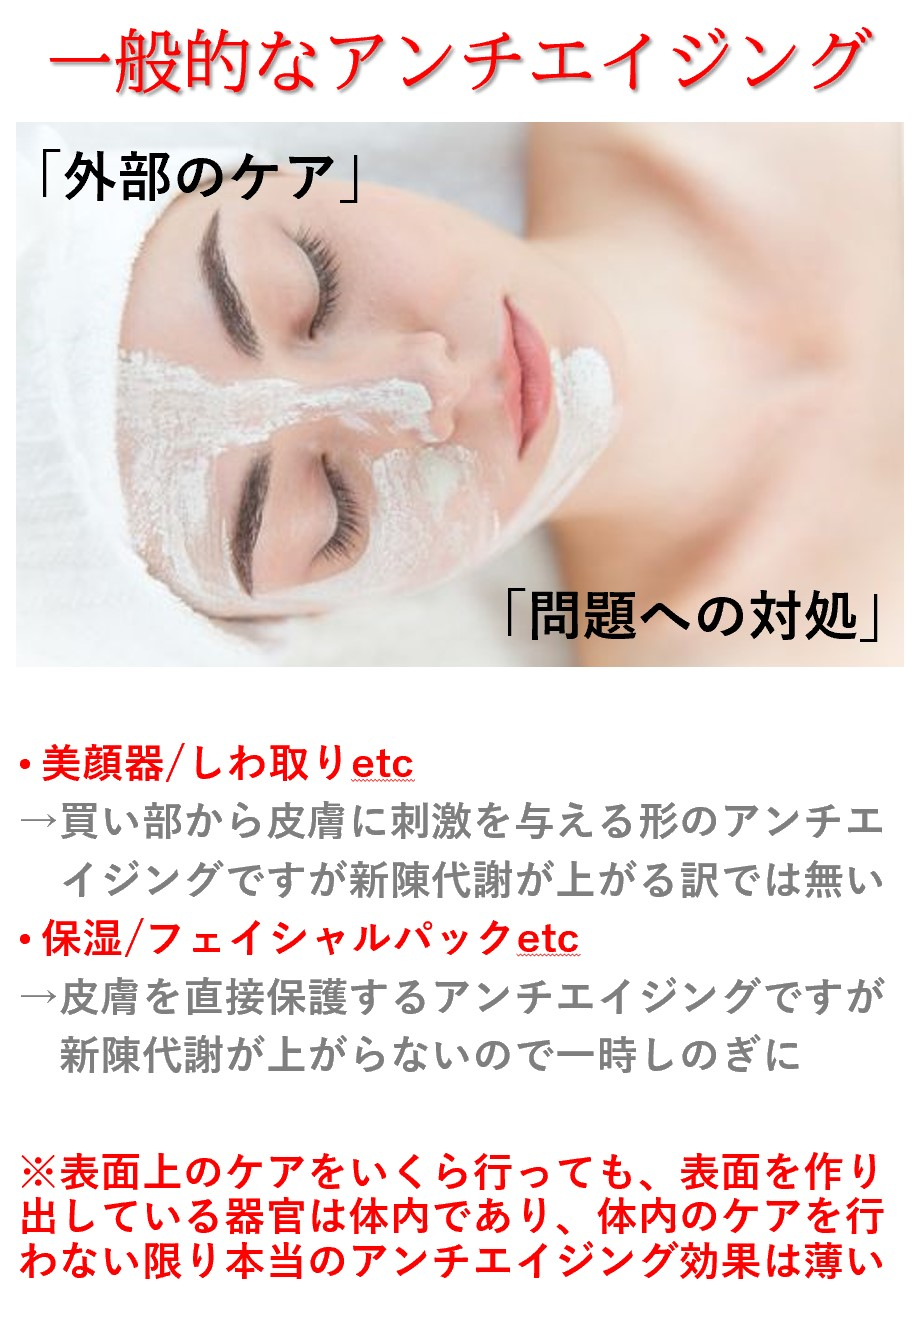 一般的なアンチエイジングは皮膚に対するケアが中心